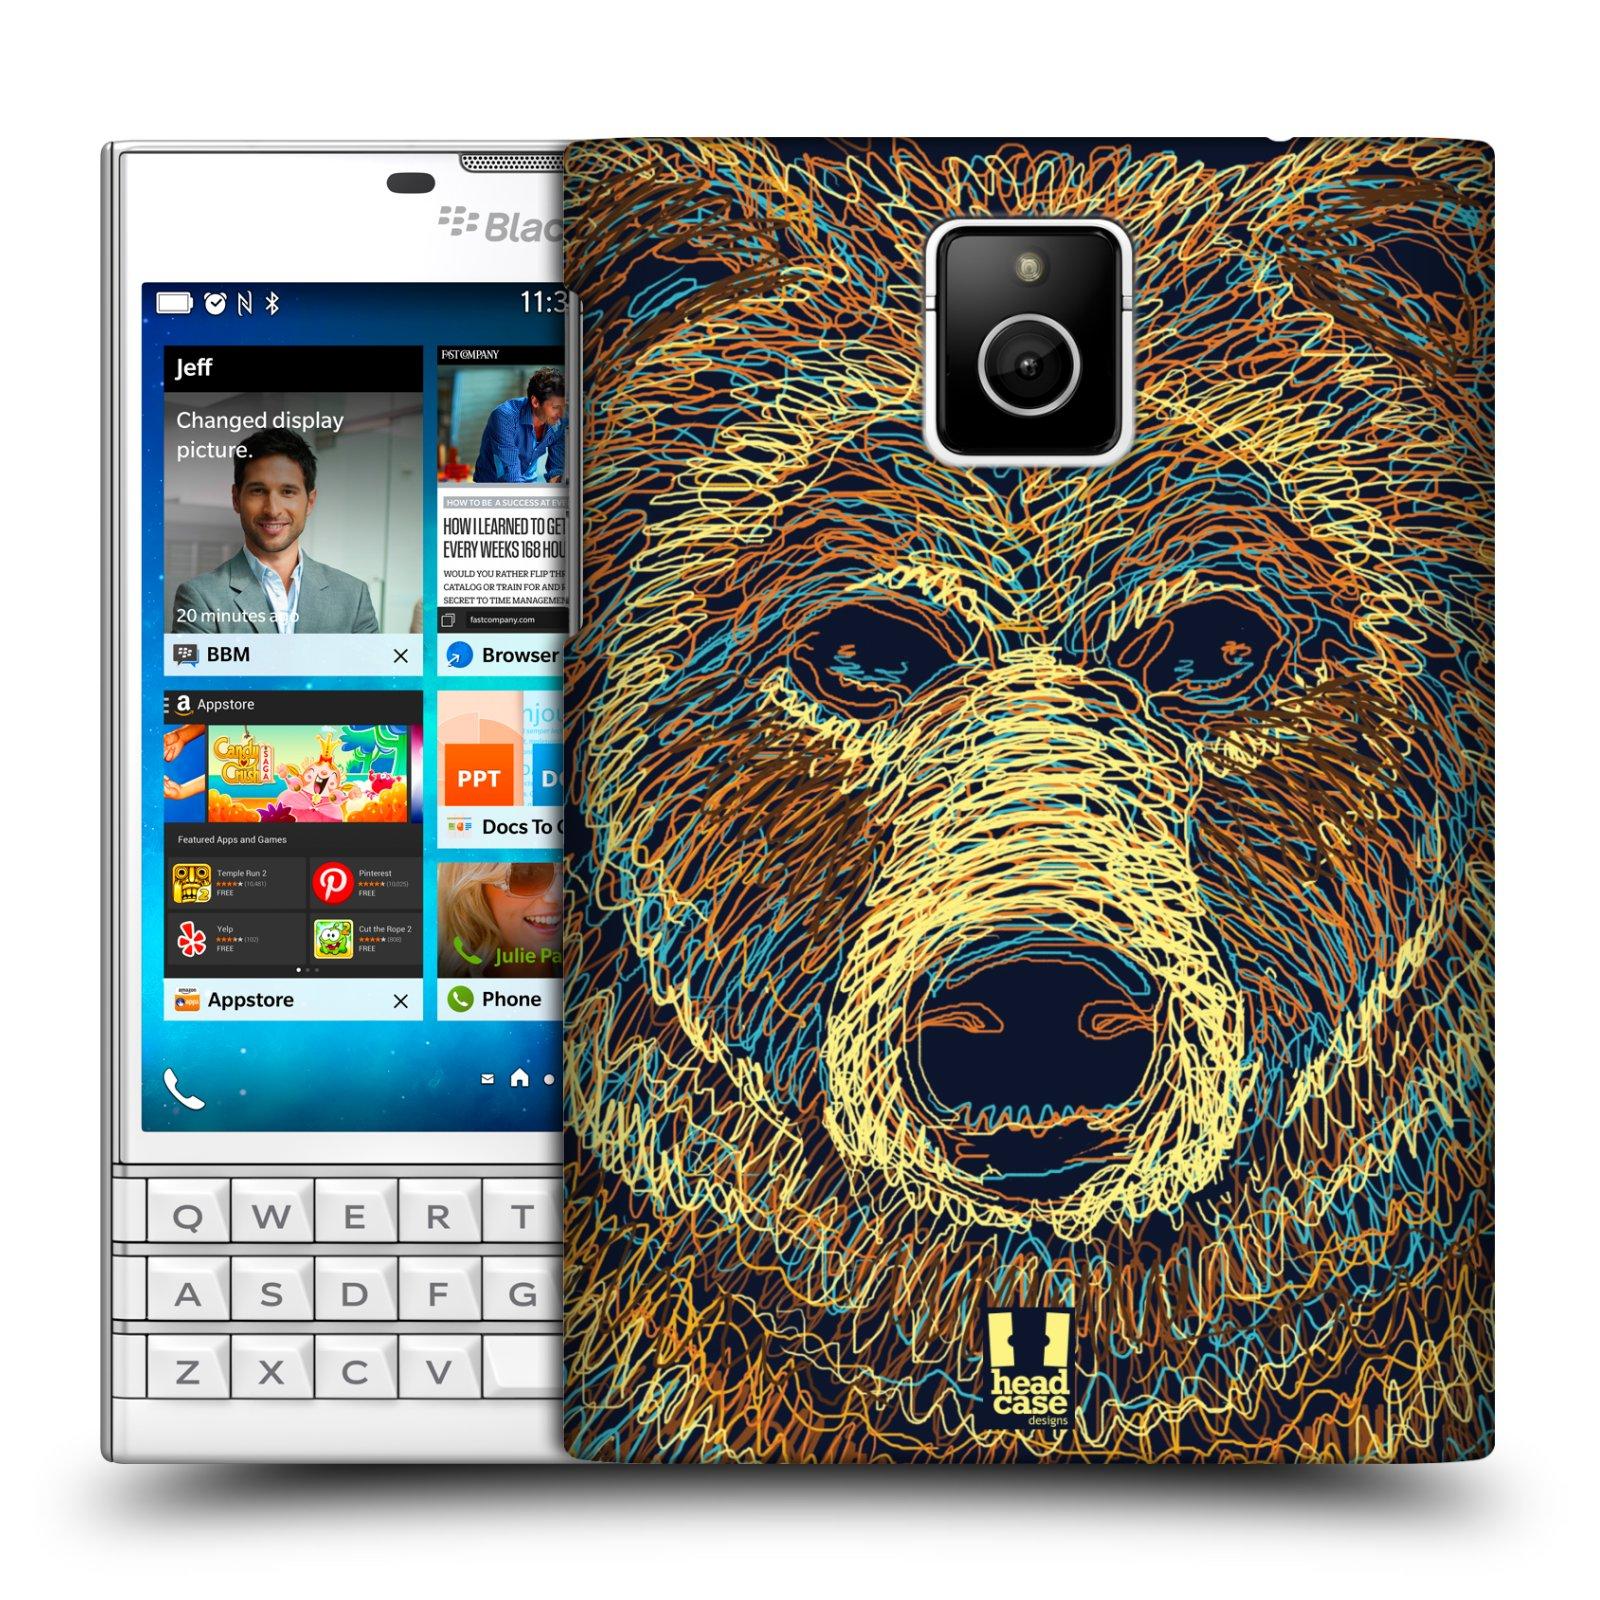 HEAD CASE plastový obal na mobil BlackBerry Passport vzor zvíře čmáranice medvěd